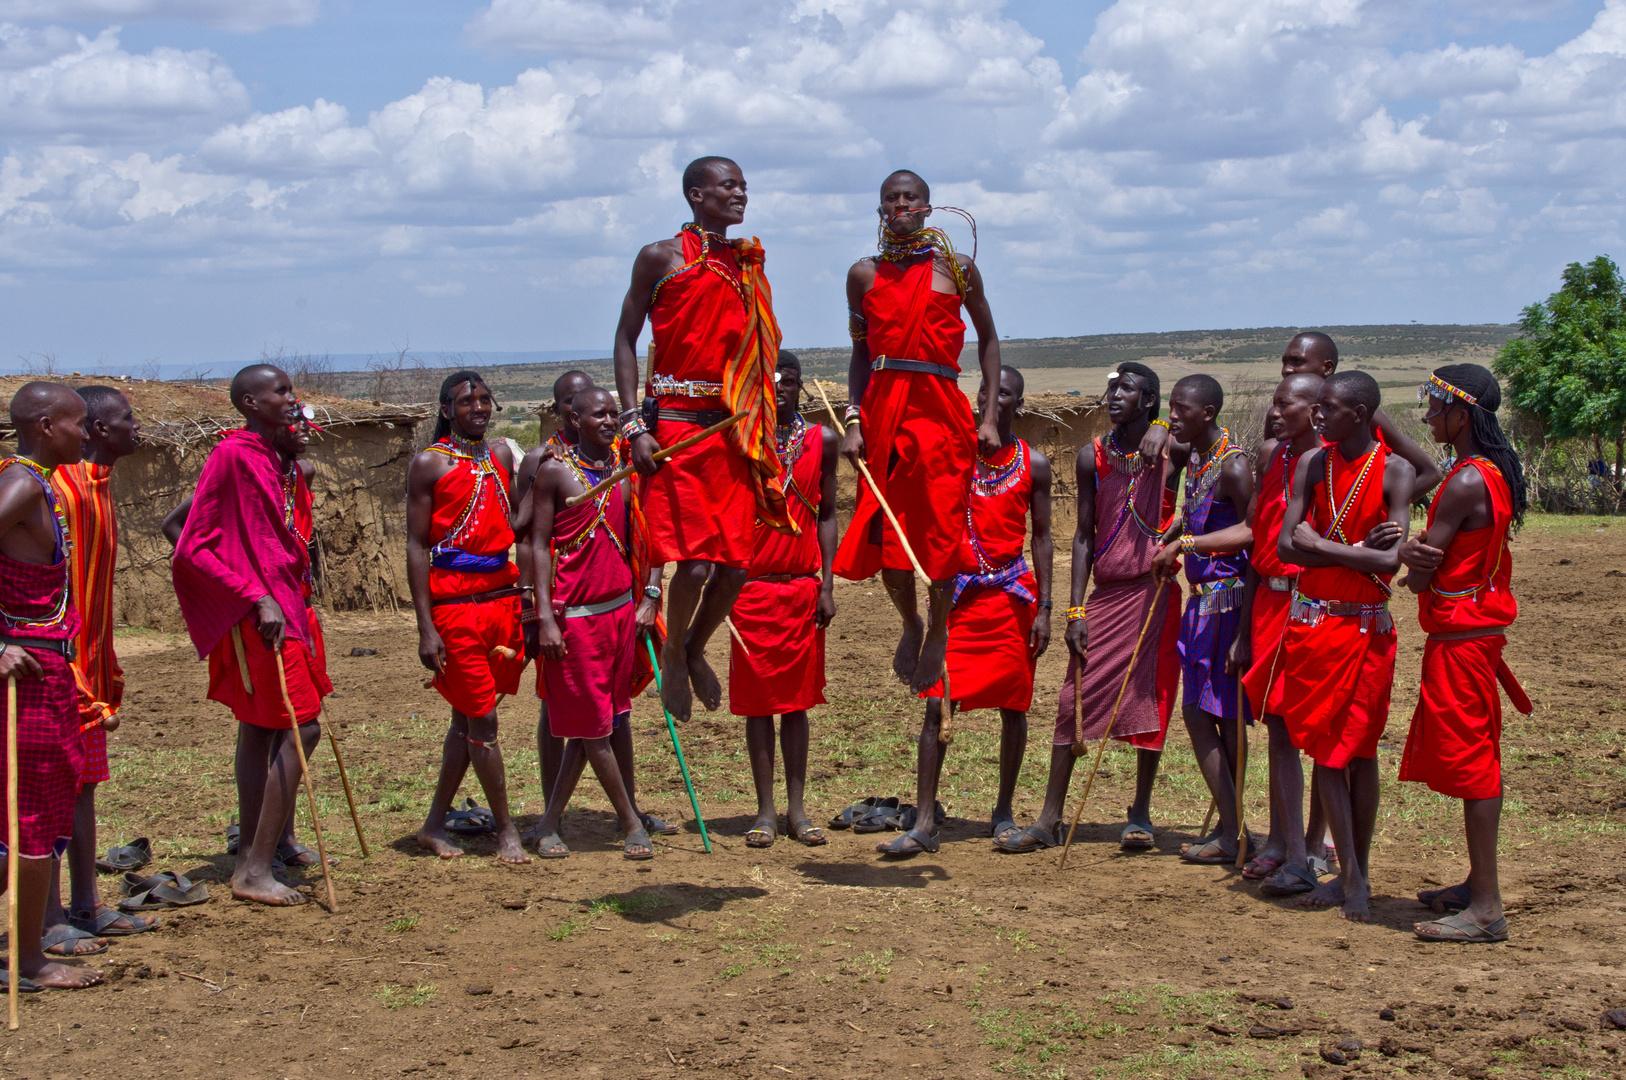 Tanzende Massai Krieger